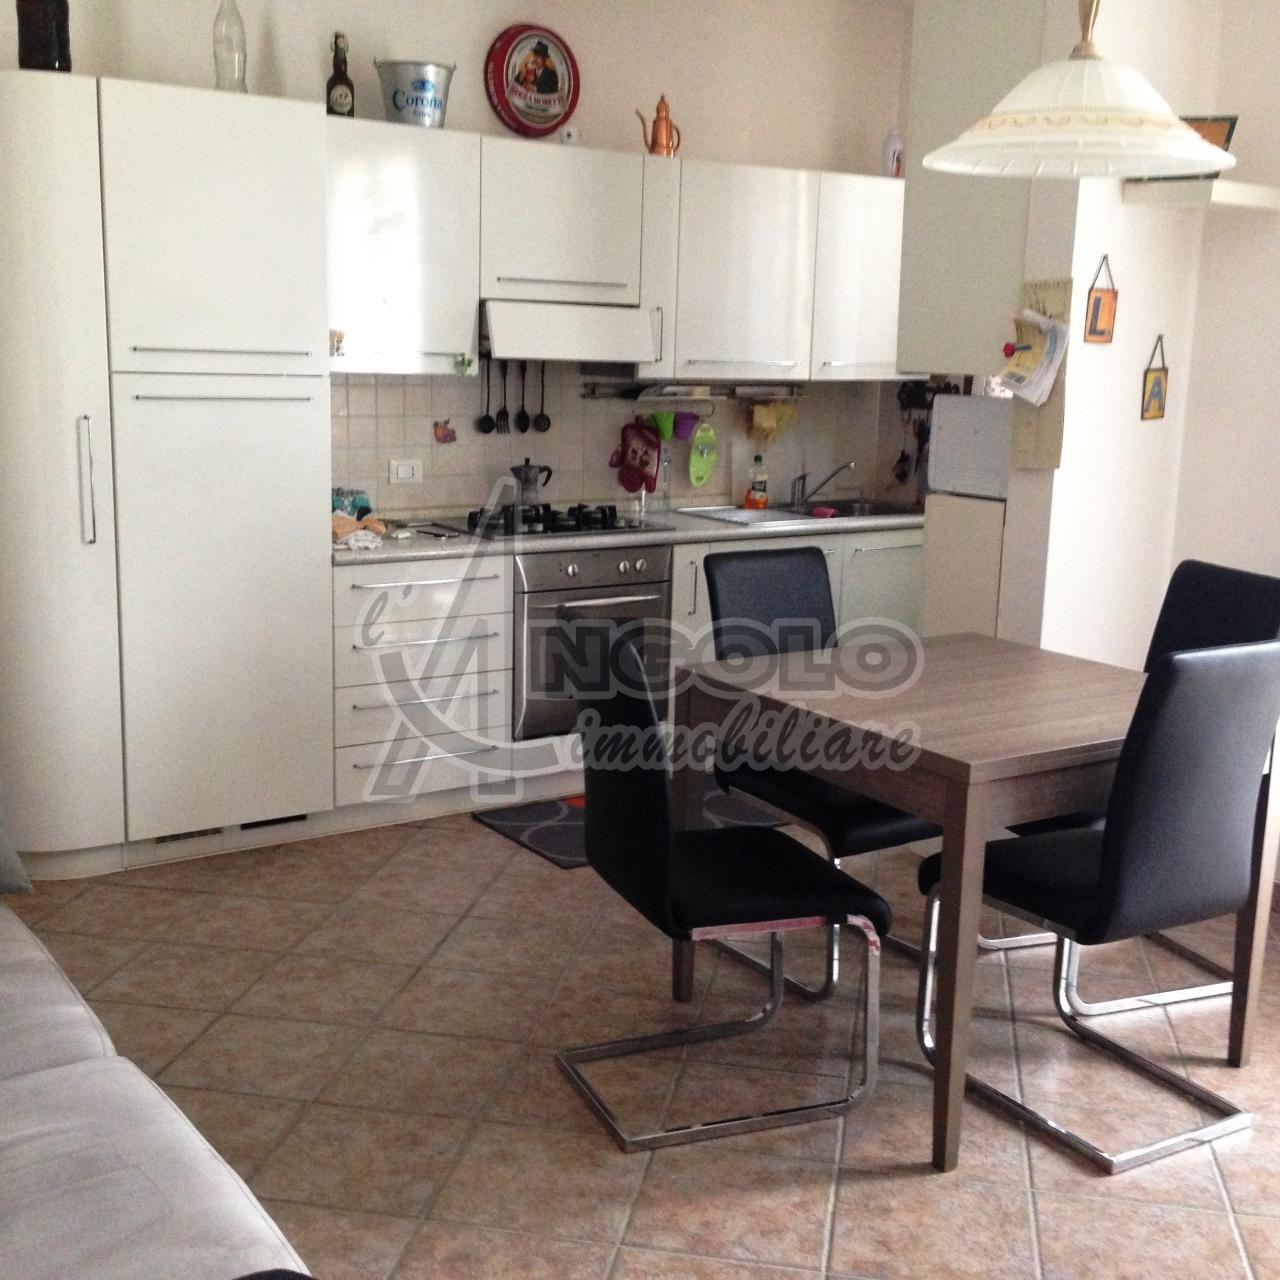 Attico / Mansarda in vendita a Occhiobello, 3 locali, prezzo € 95.000 | Cambio Casa.it